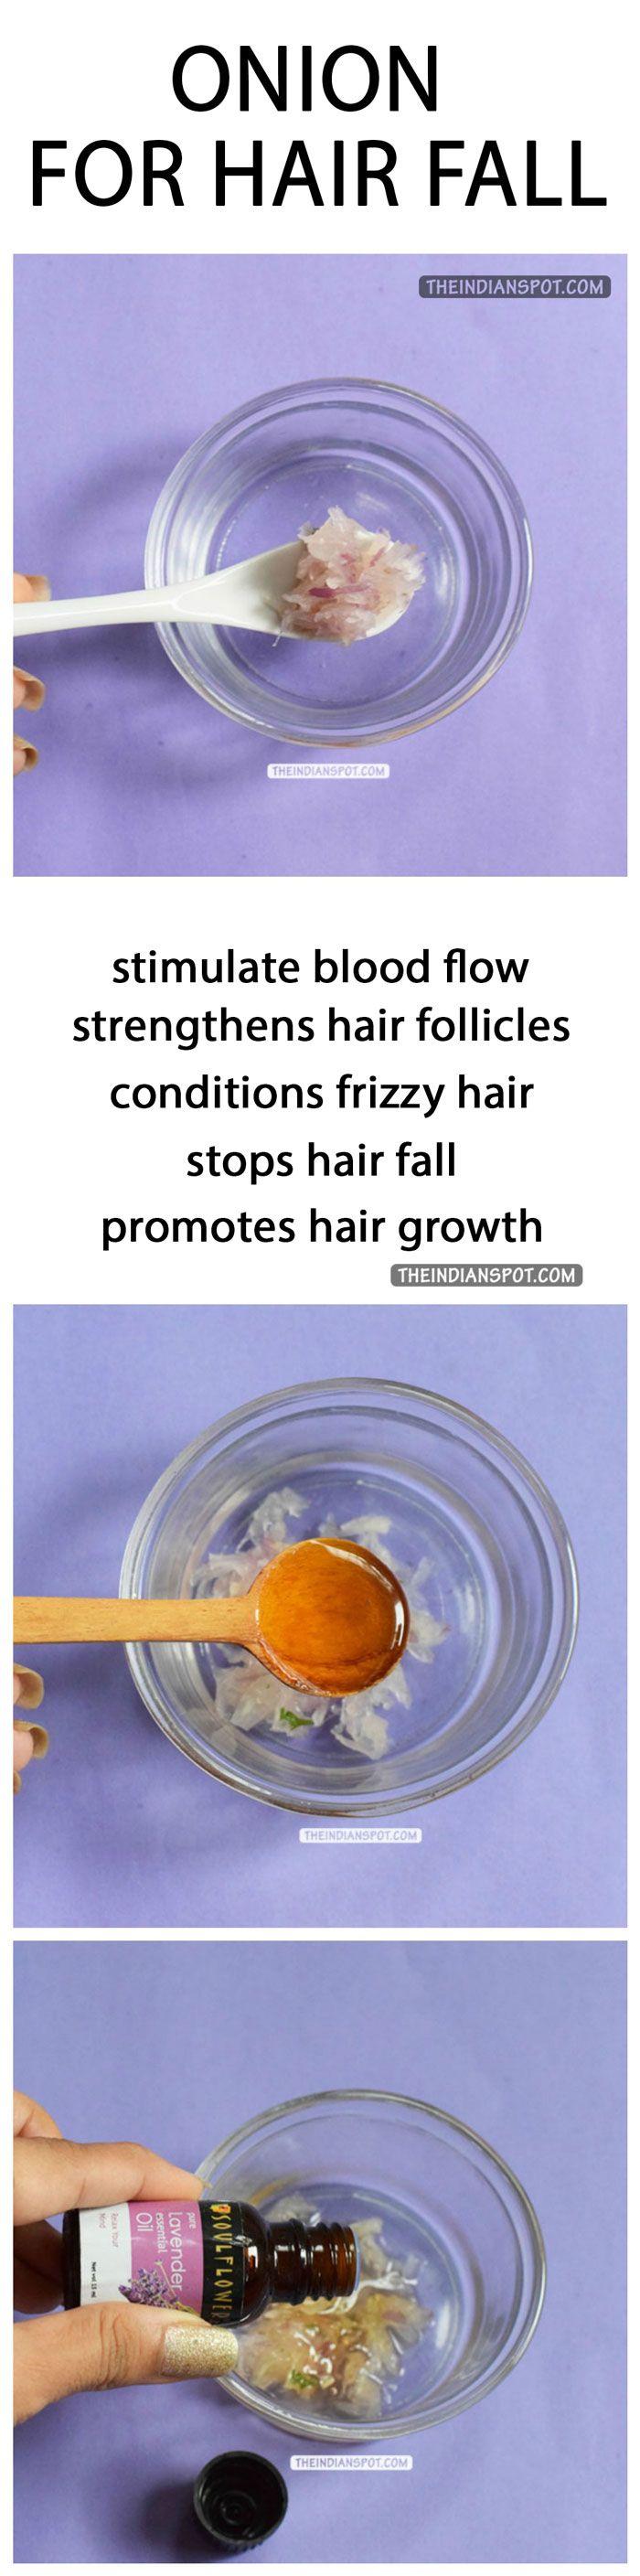 ONION HAIR TREATMENT FOR HAIR FALL Onion for hair, Fall